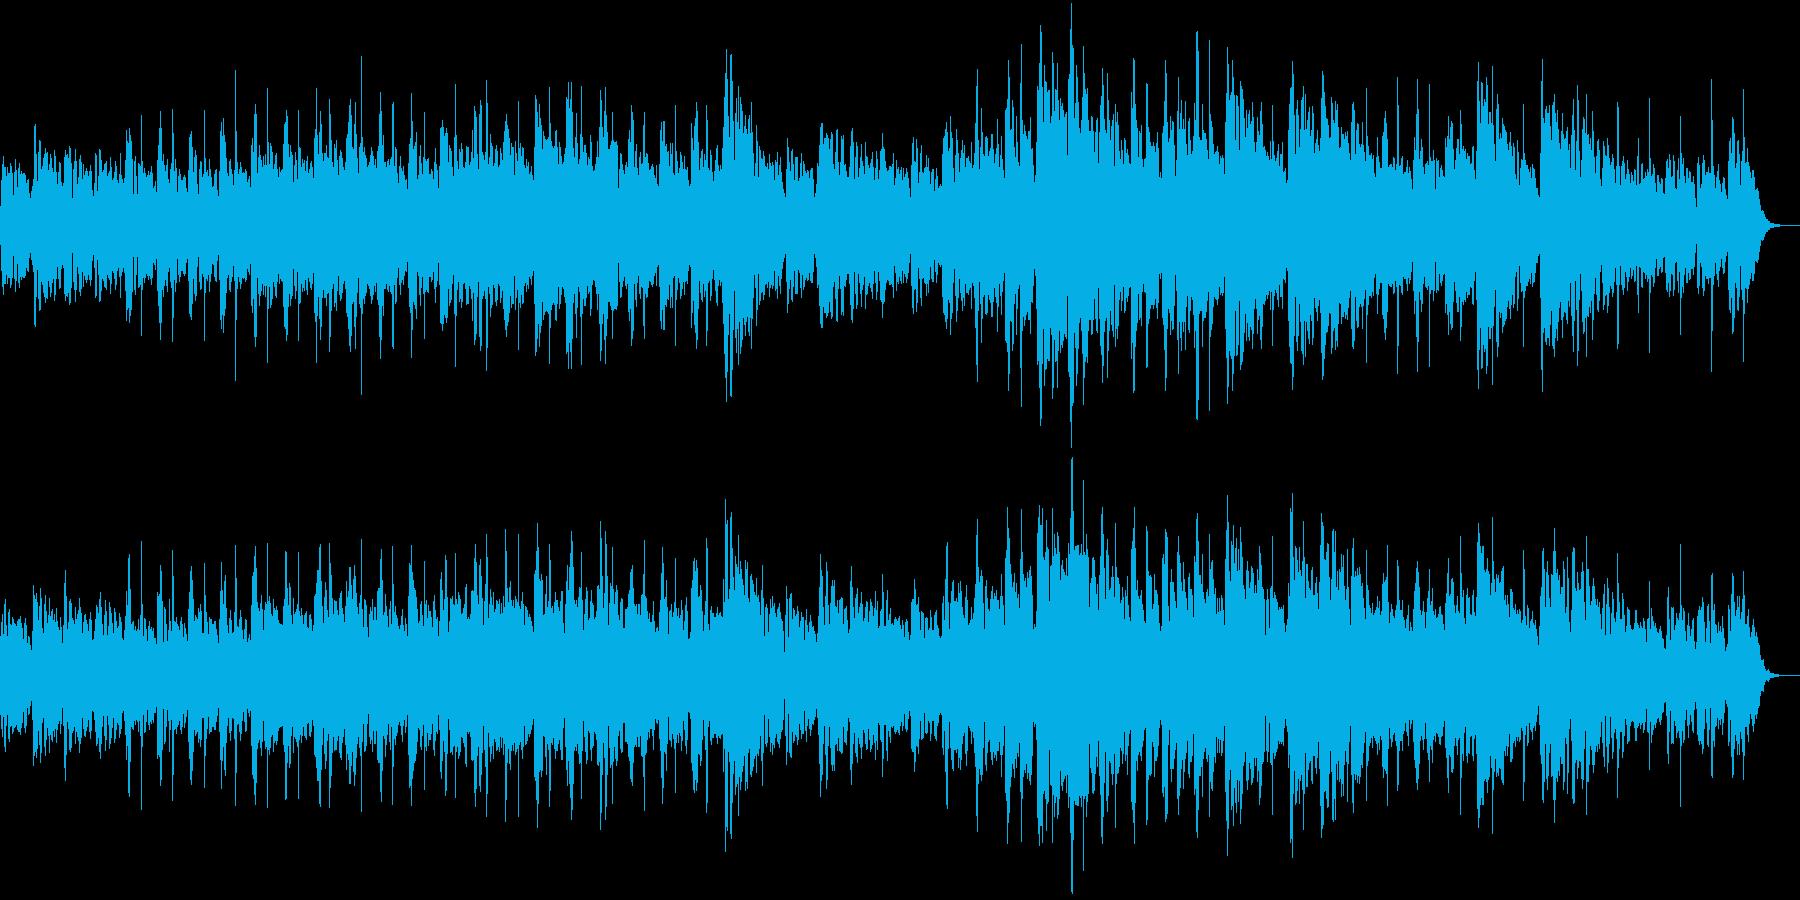 宇宙の始まりっぽいシンセサイザーの曲の再生済みの波形